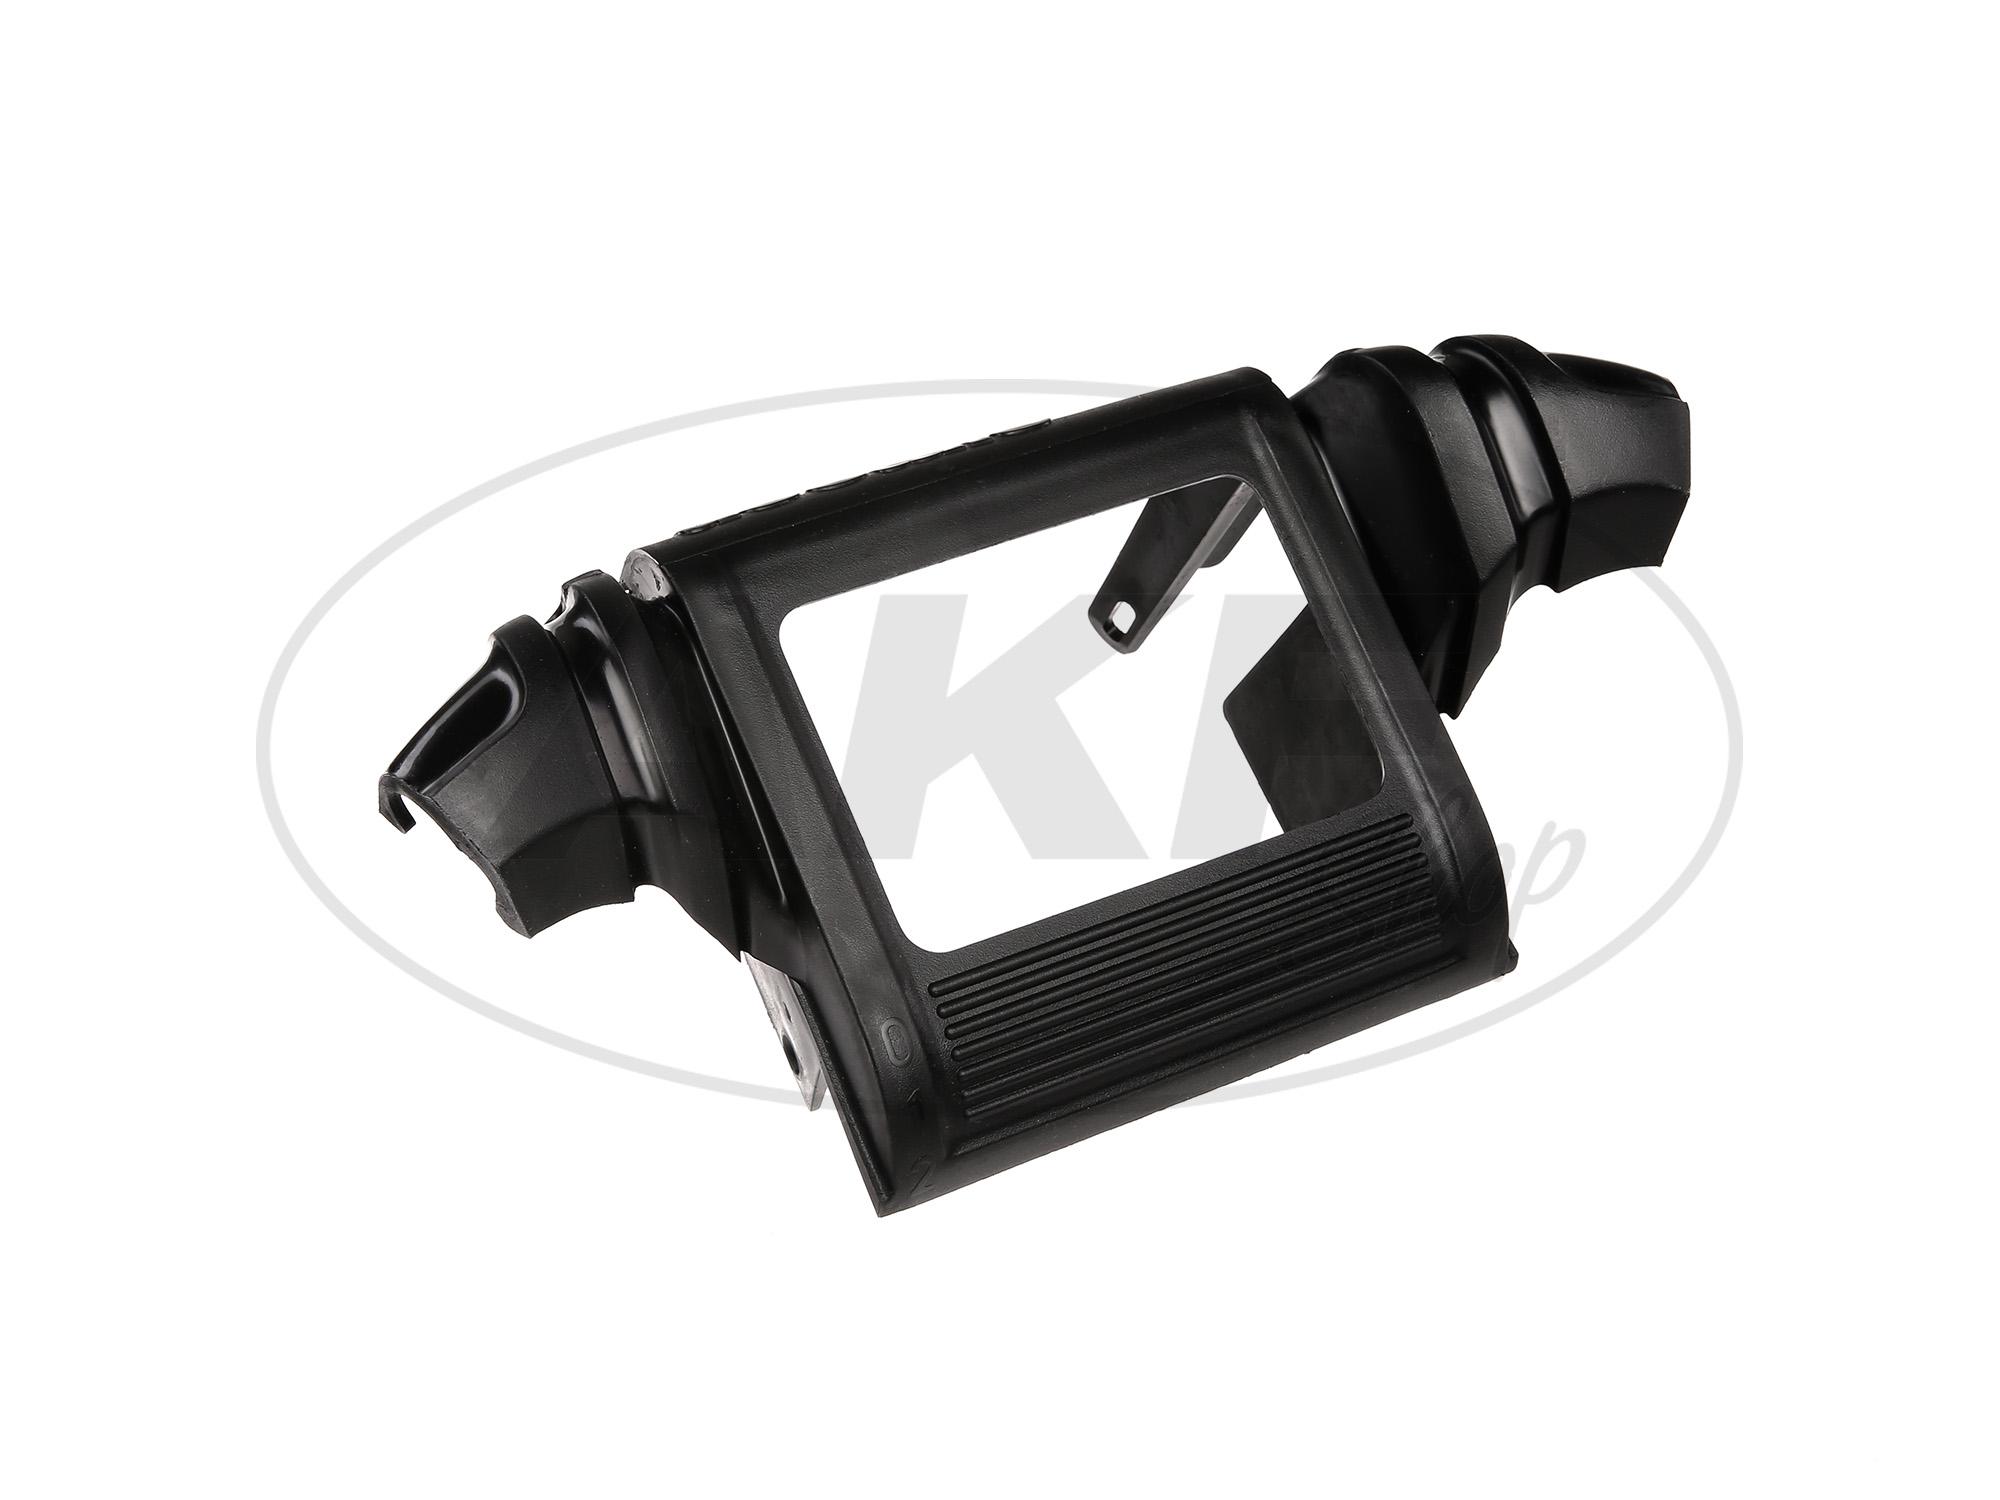 Zoom Ansicht Armaturengehäuse für Tachometer - Simson SR50, SR80